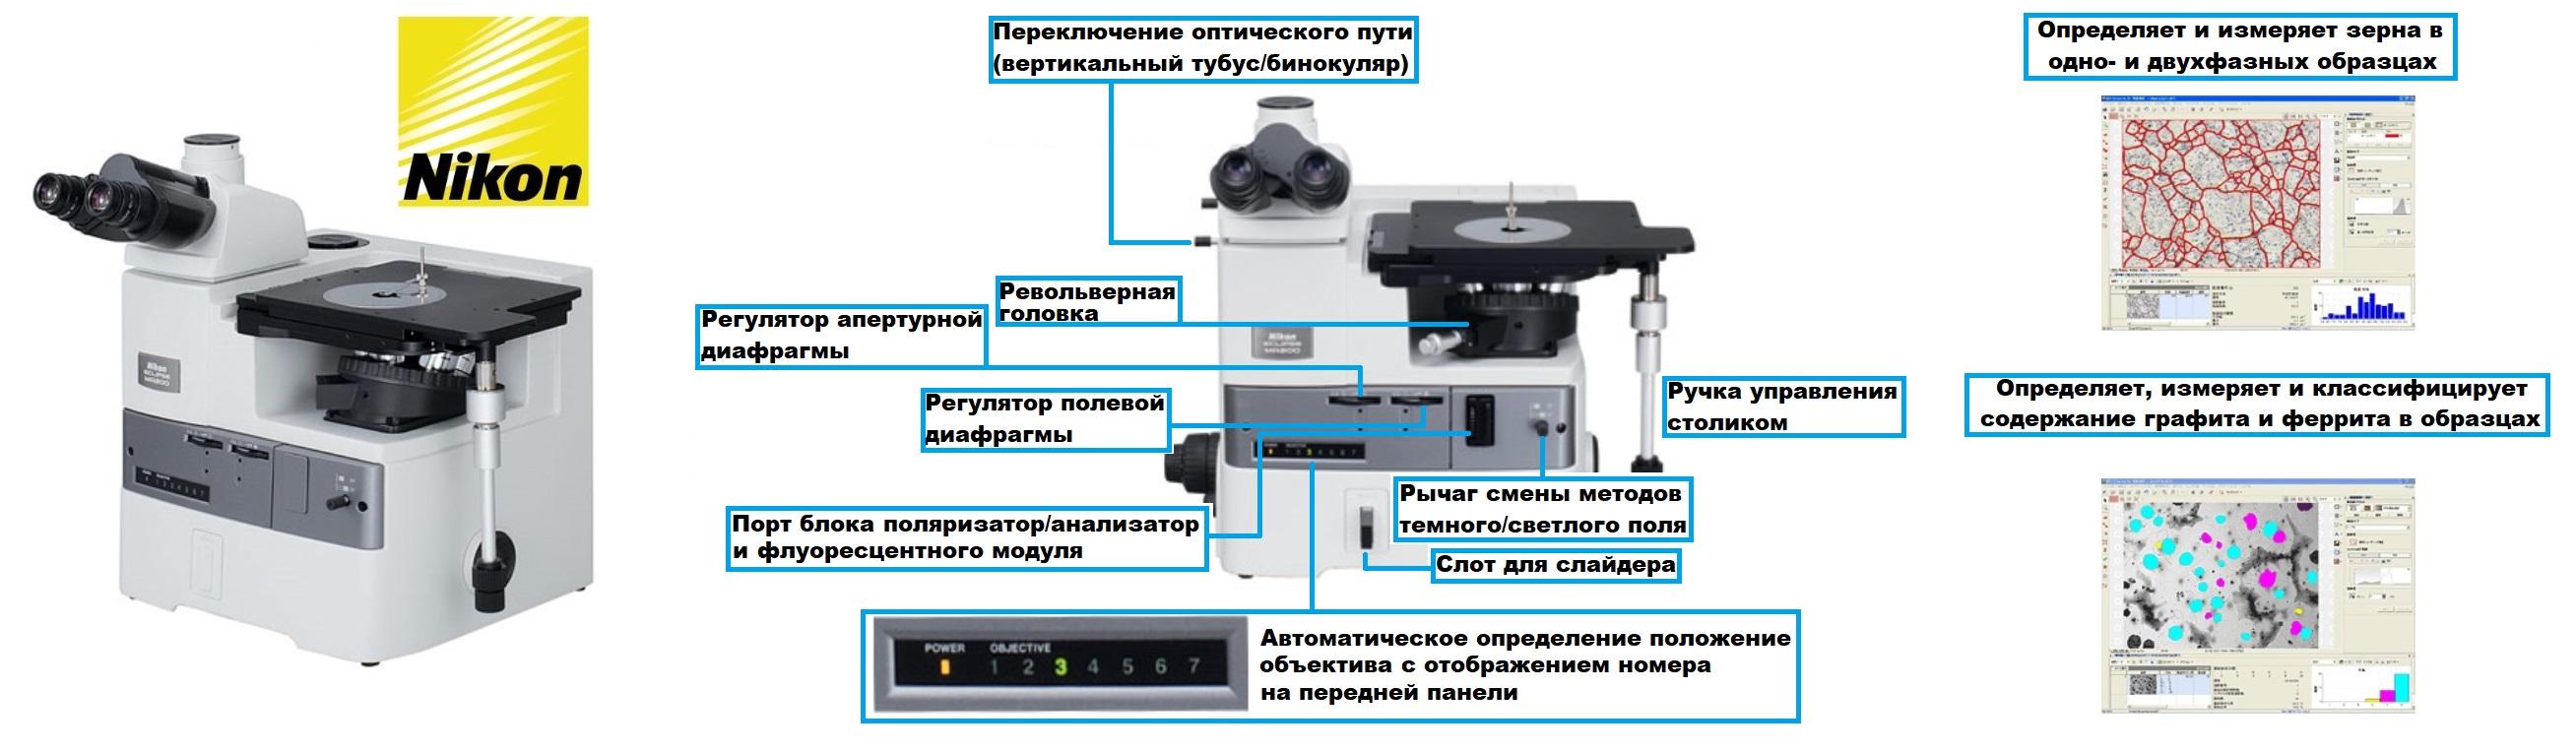 Металлографический микроскоп купить